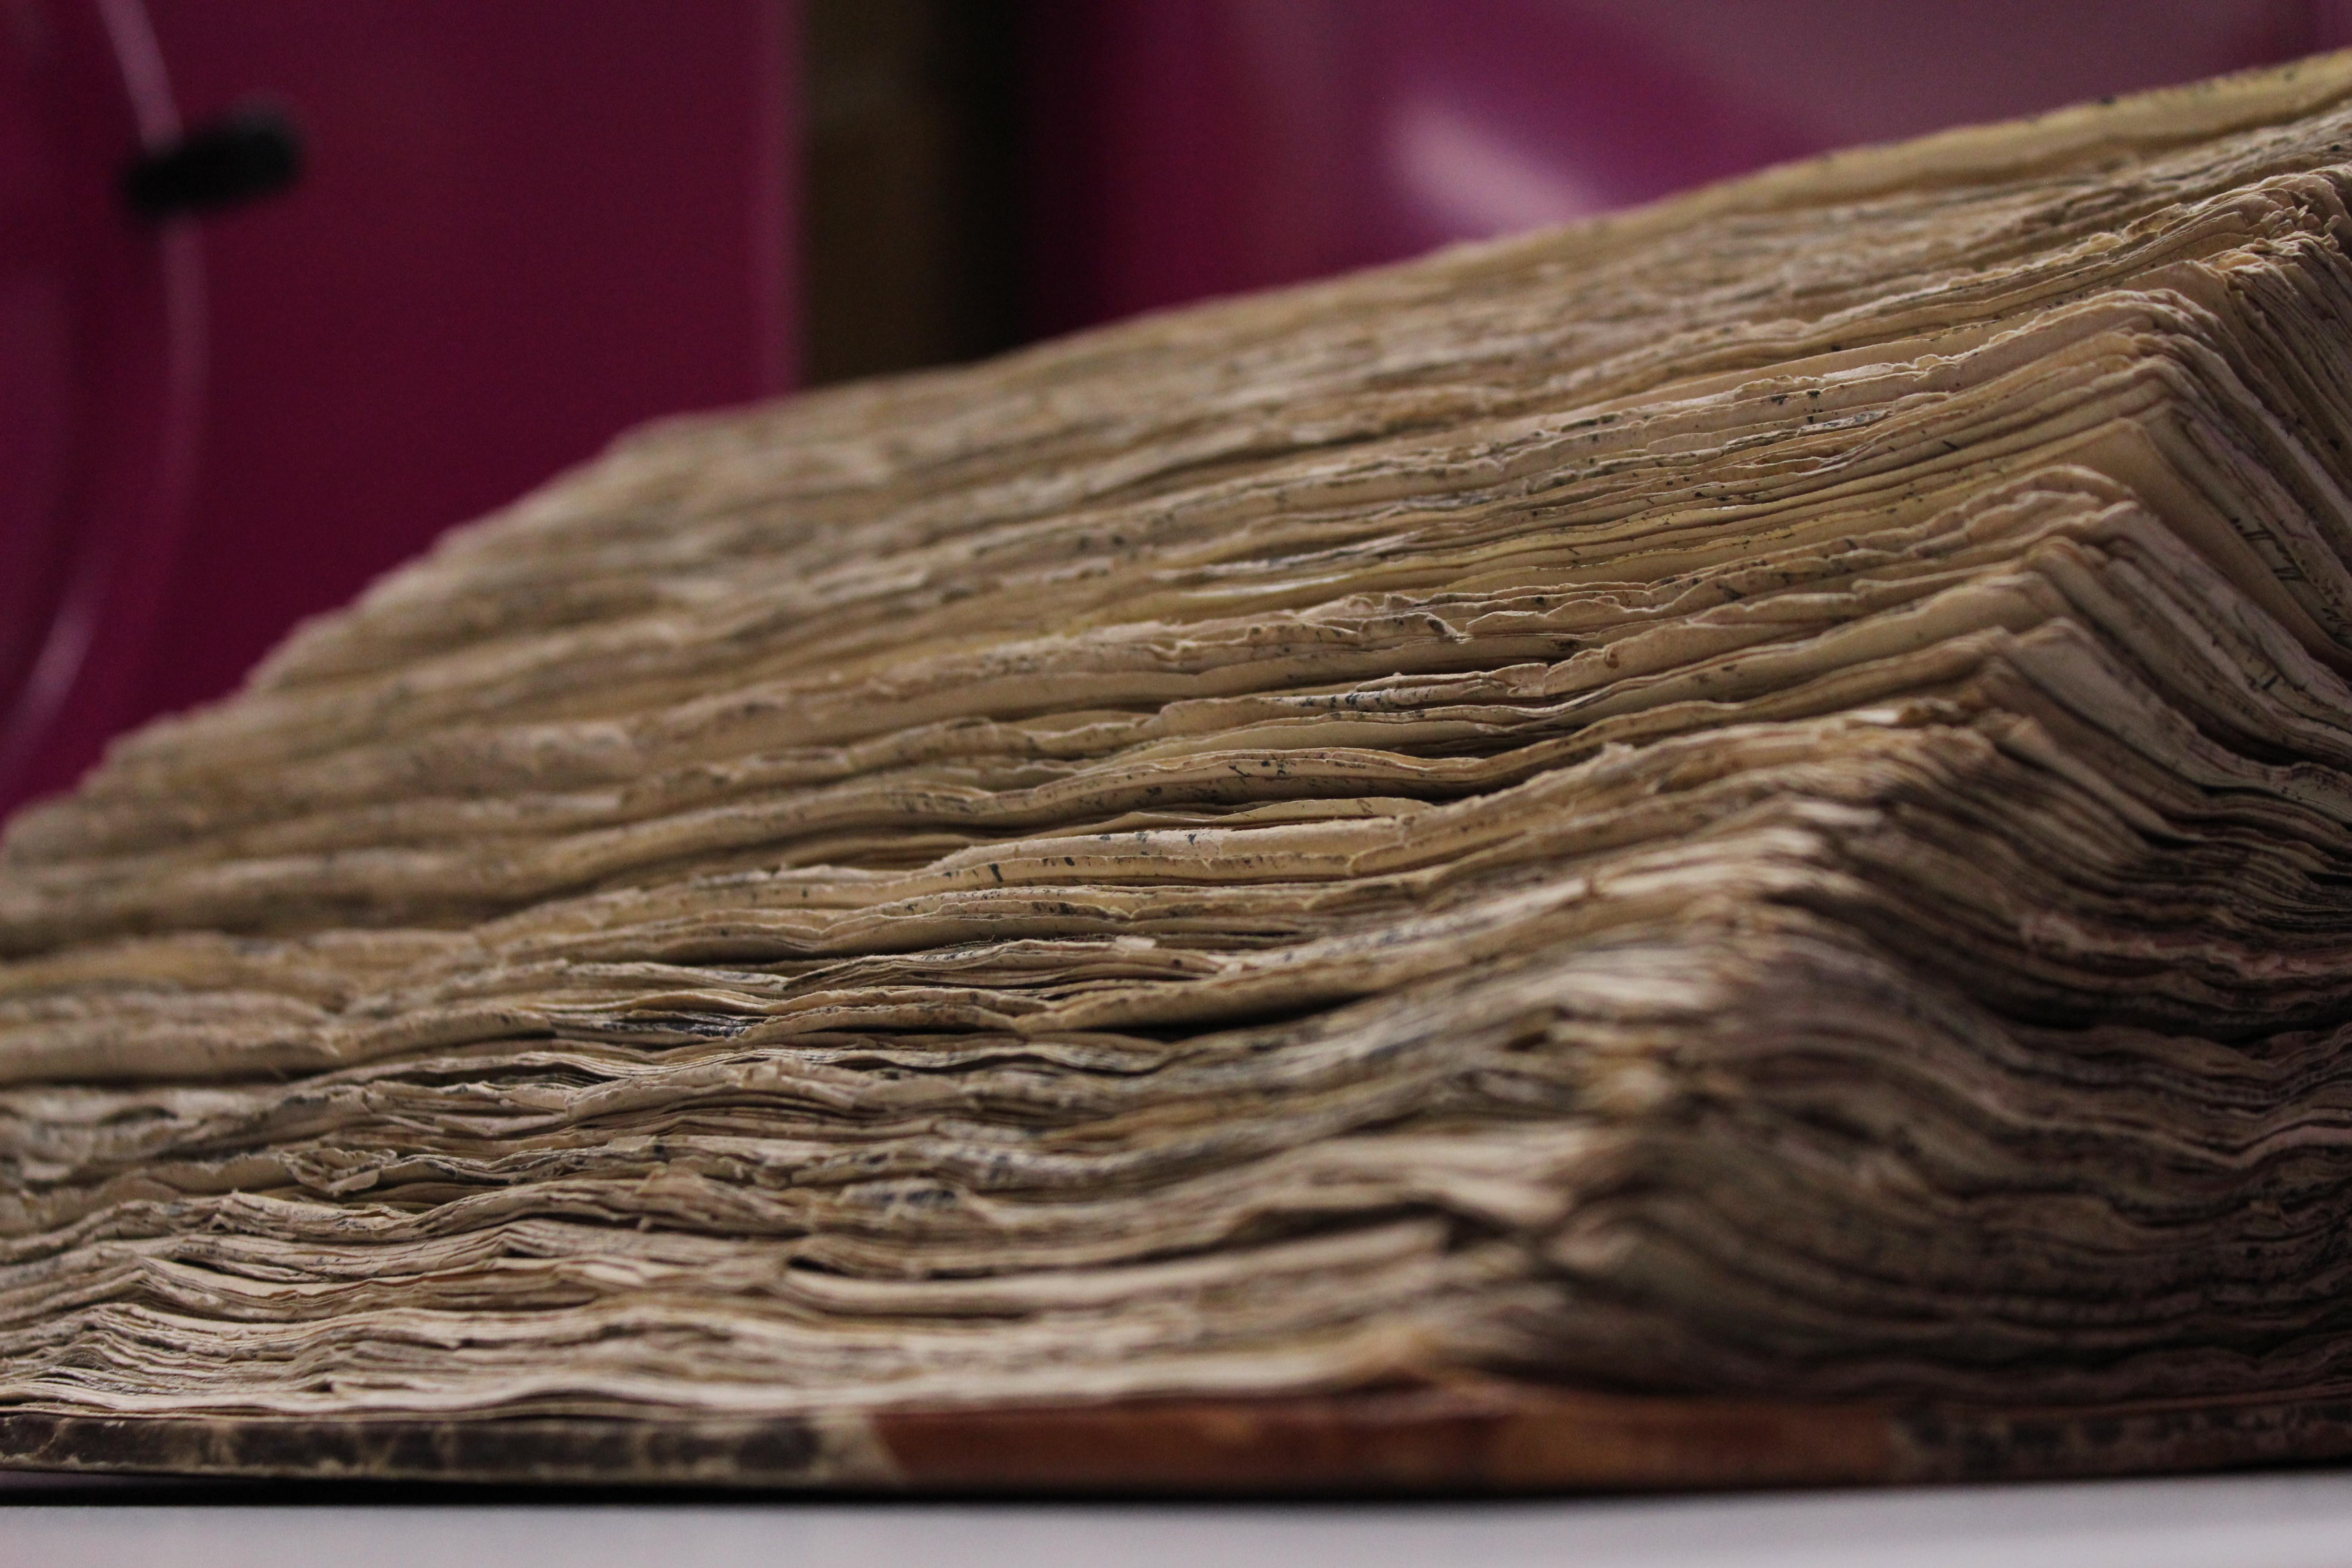 Vana paksu raamatu lehtede servad. Elery Tenson 1